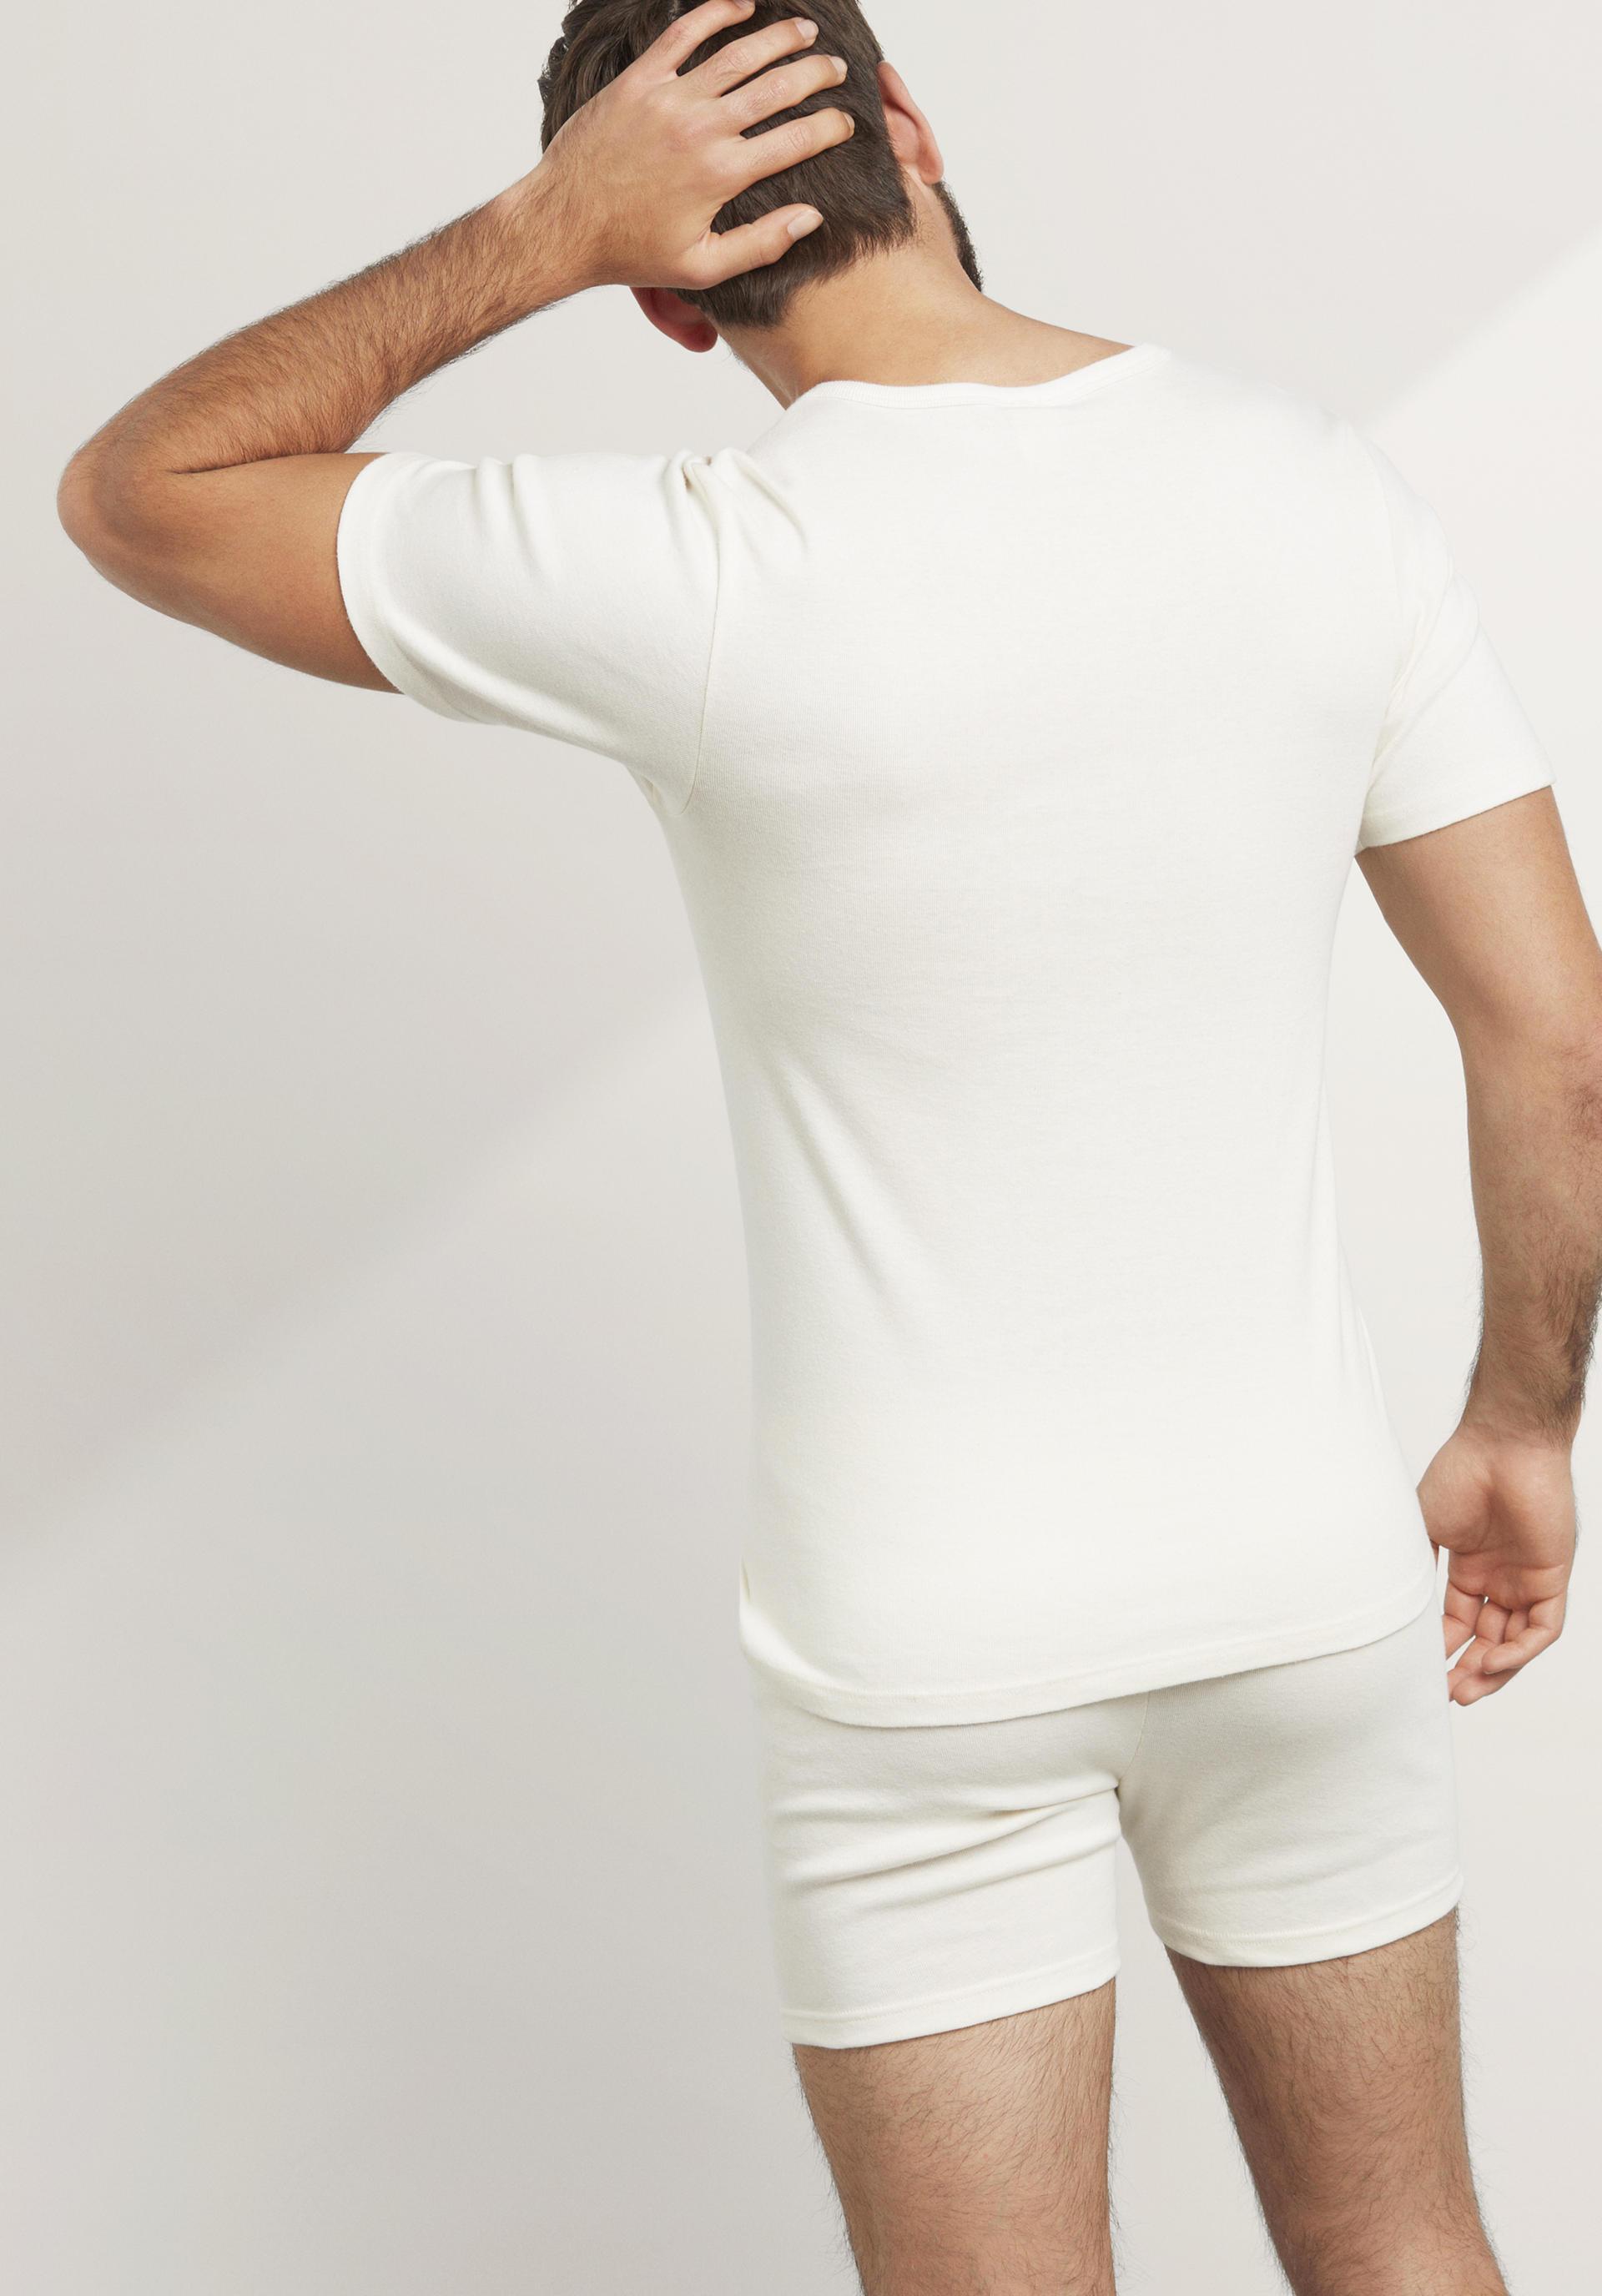 Herren T-Shirt PureNATURE aus reiner Bio-Baumwolle von hessnatur